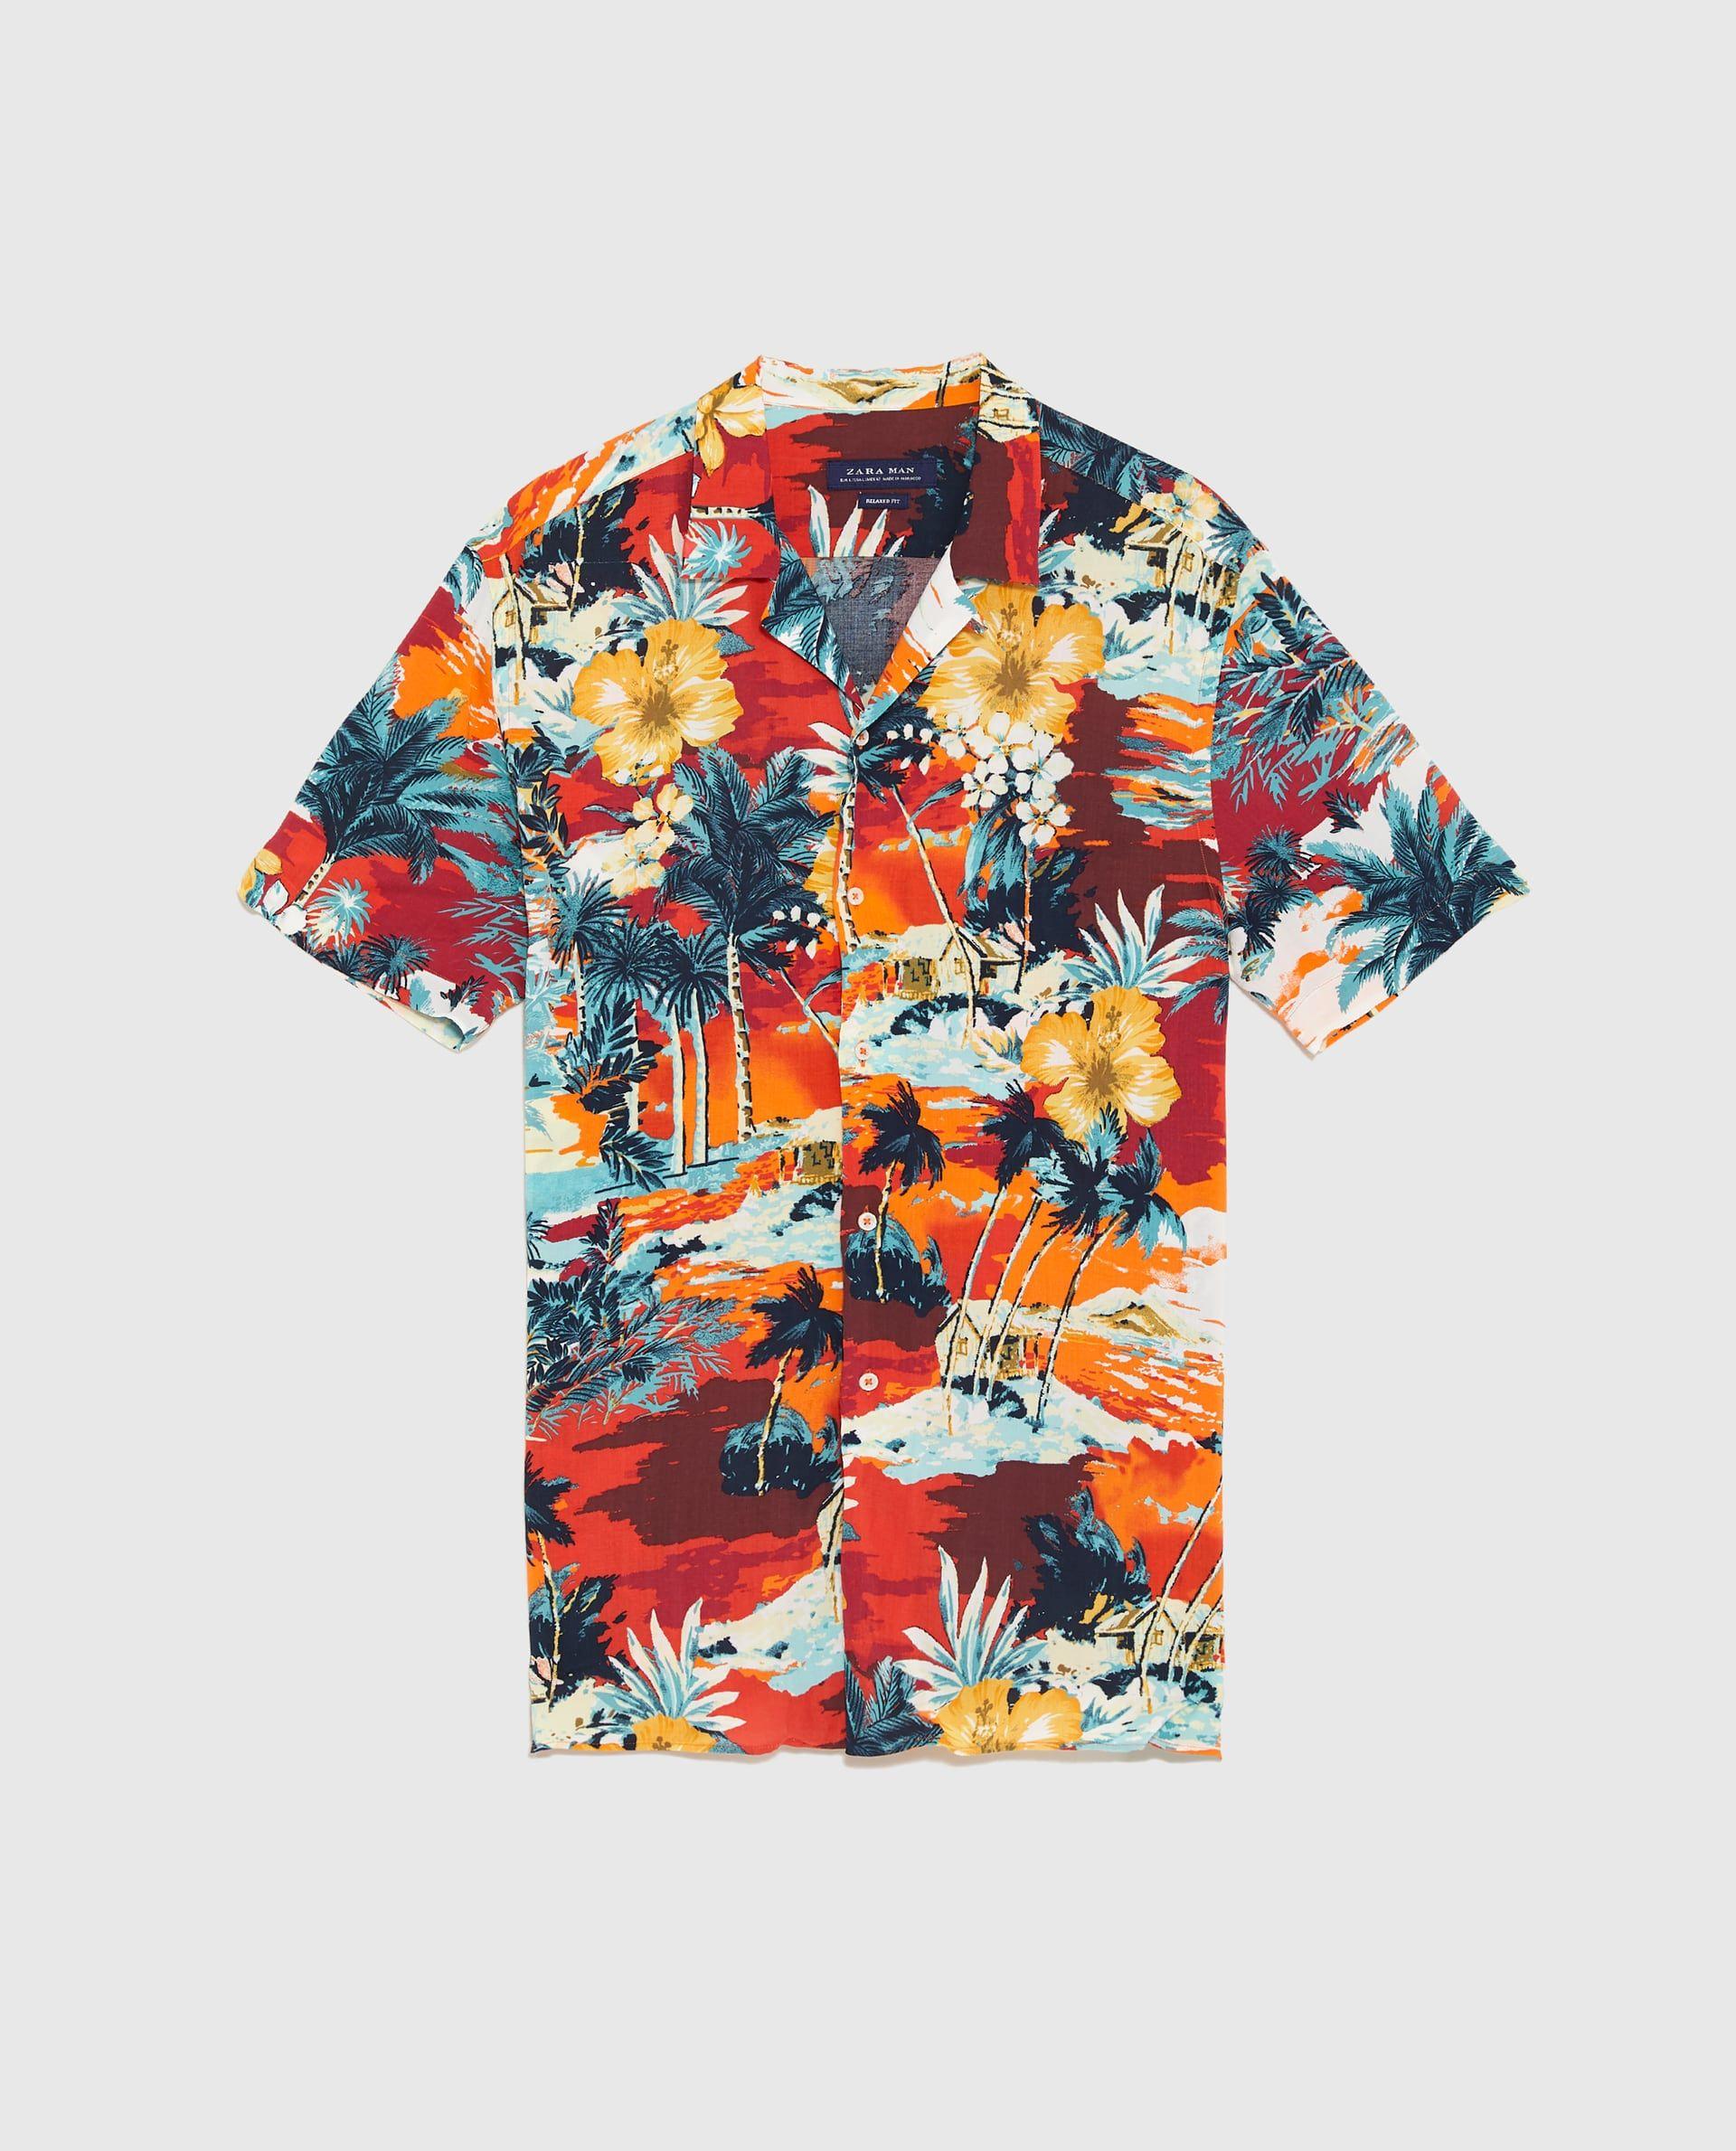 Estampada Shirts Camisas Camisa 2019 En PlayaPattern Estampadas LjAR54